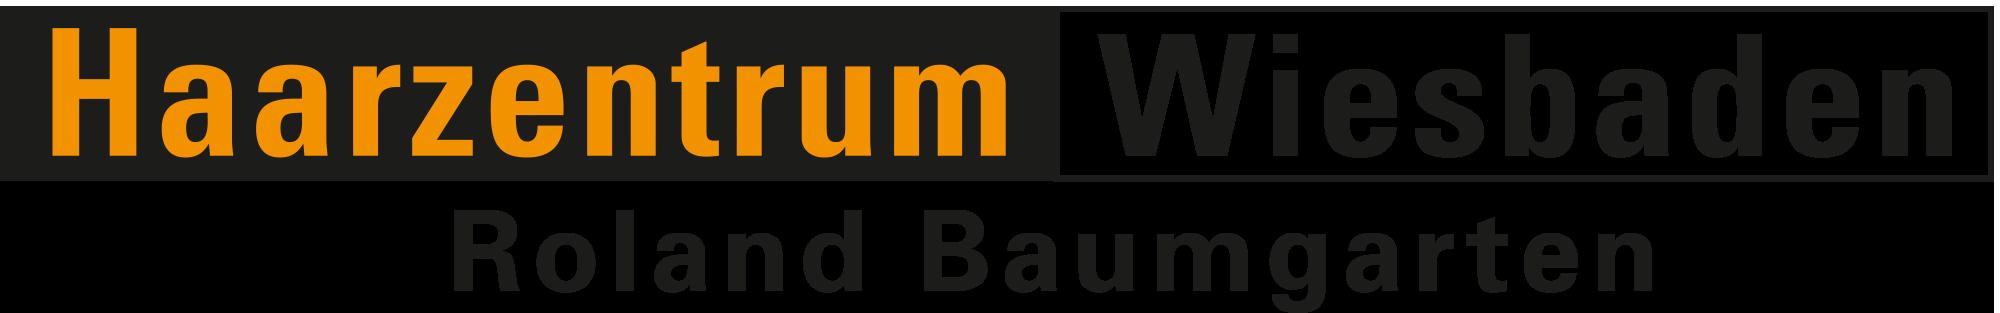 logo-haarzentrum